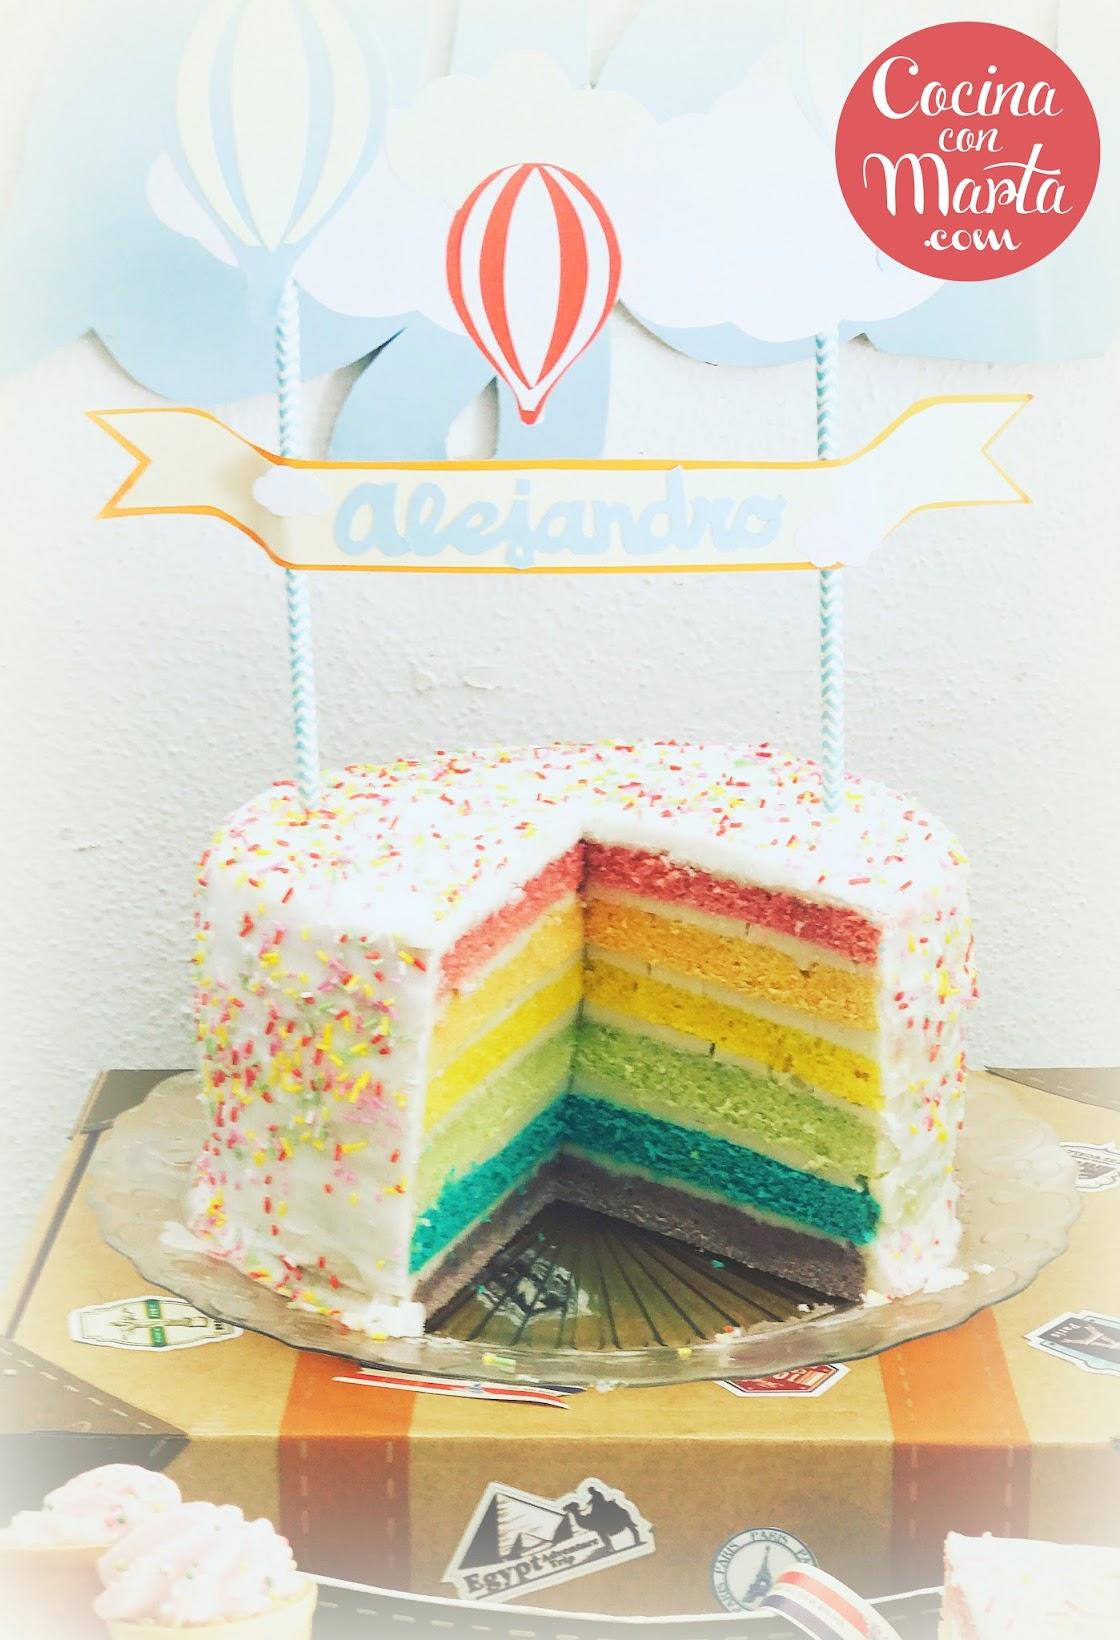 Tarta Arcoiris, receta pastel arcoiris, rainbow cake, tarta apta para aplv, apta para intolerantes lactosa, apta alergia leche, tarta cumpleaños, niños, celebraciones especiales, sin aceite de palma, Cocina con Marta